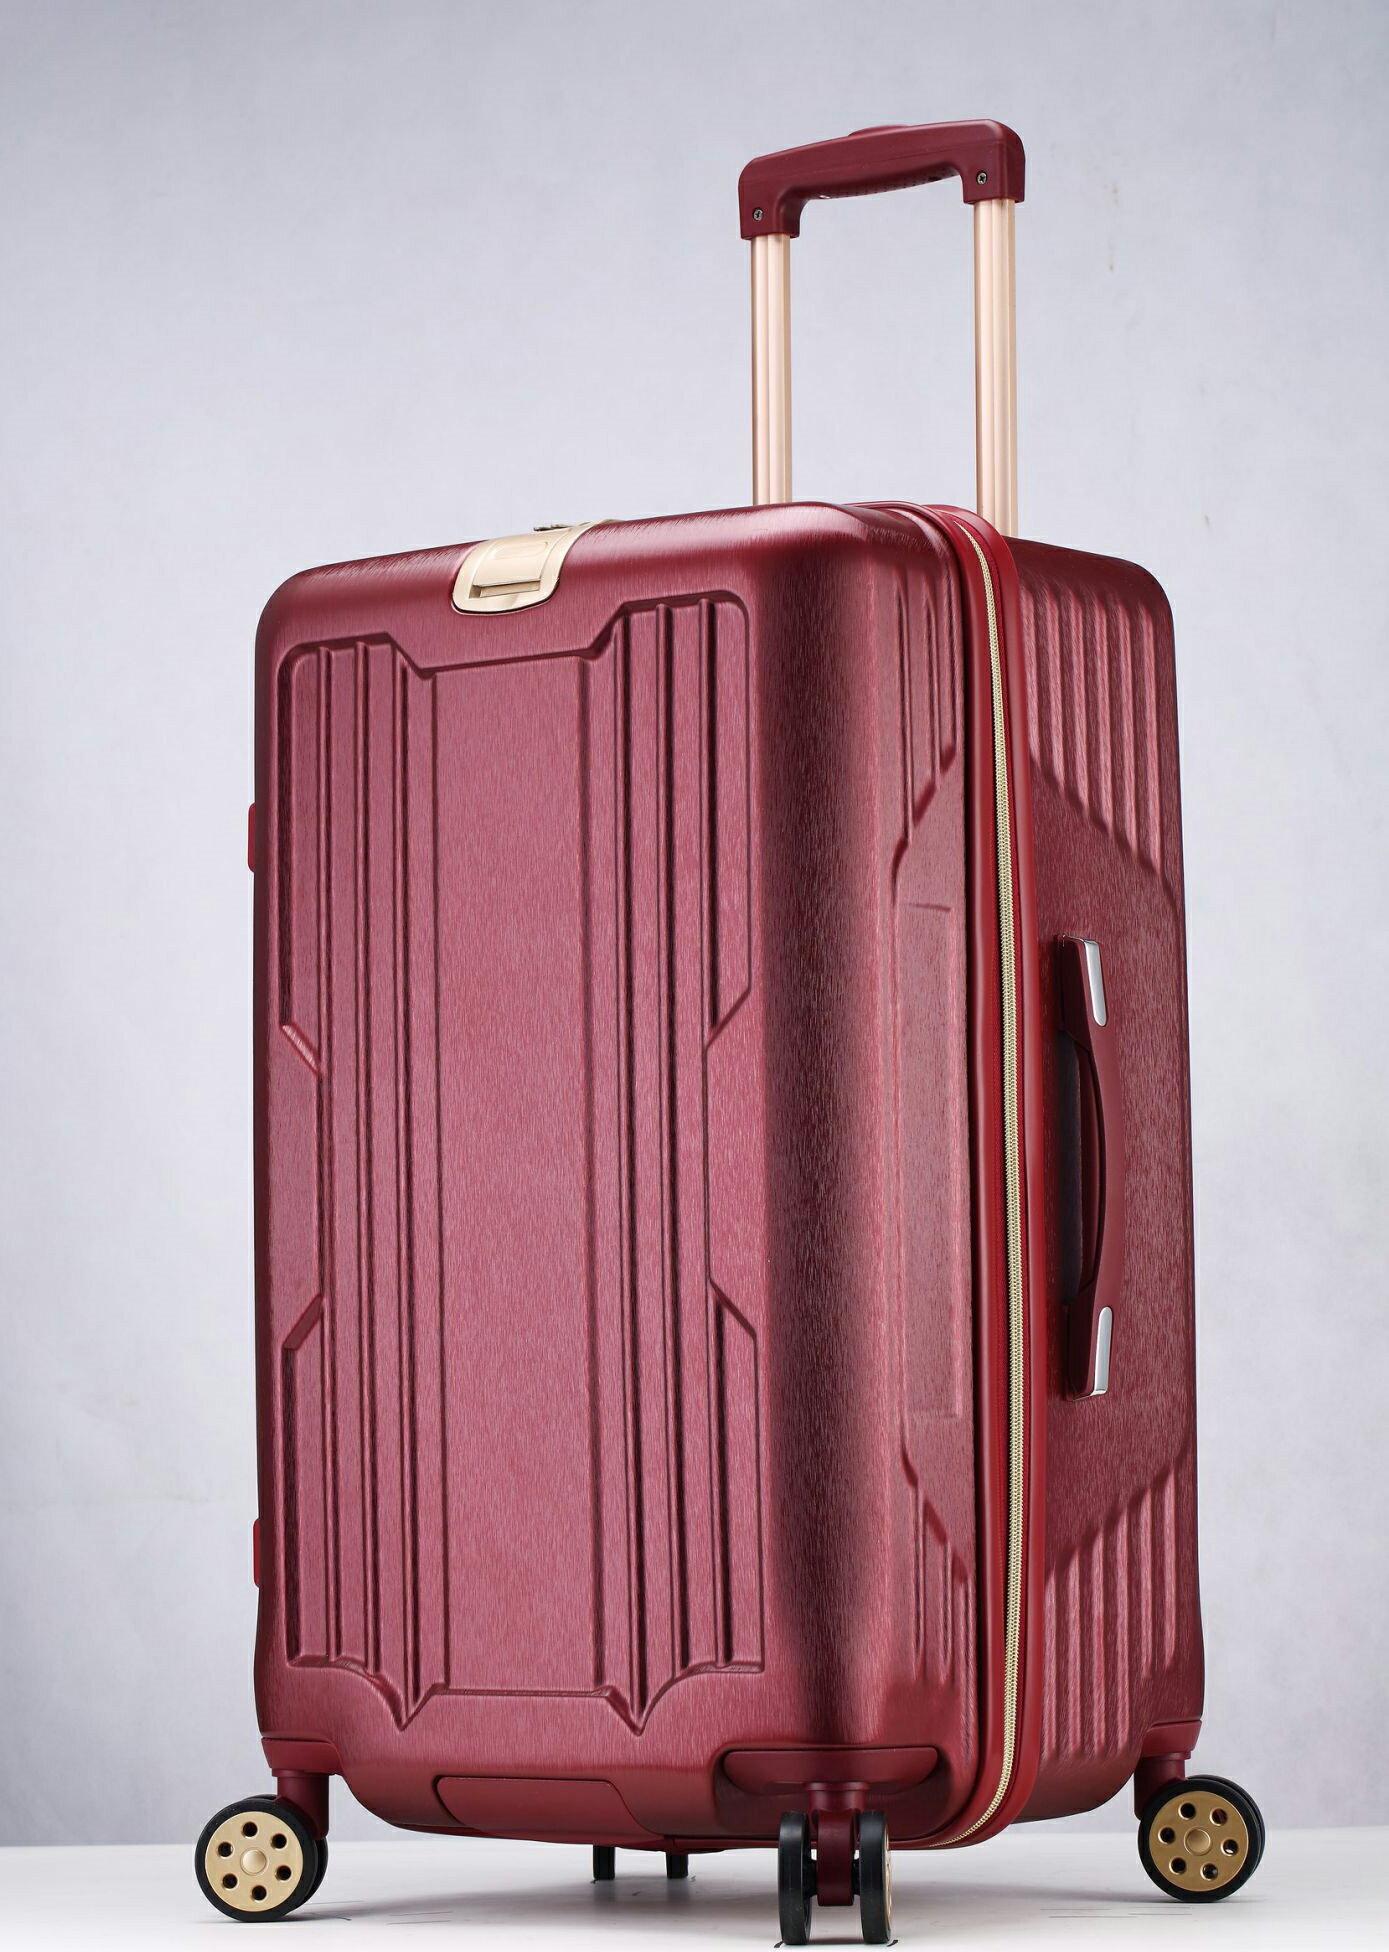 運動款 拉鍊 胖胖箱 旅行箱 20吋25吋29吋 行李箱 -鐵灰色 / 深紫色 / 玫瑰金-現貨當日出貨-免運台南可預約自取 3